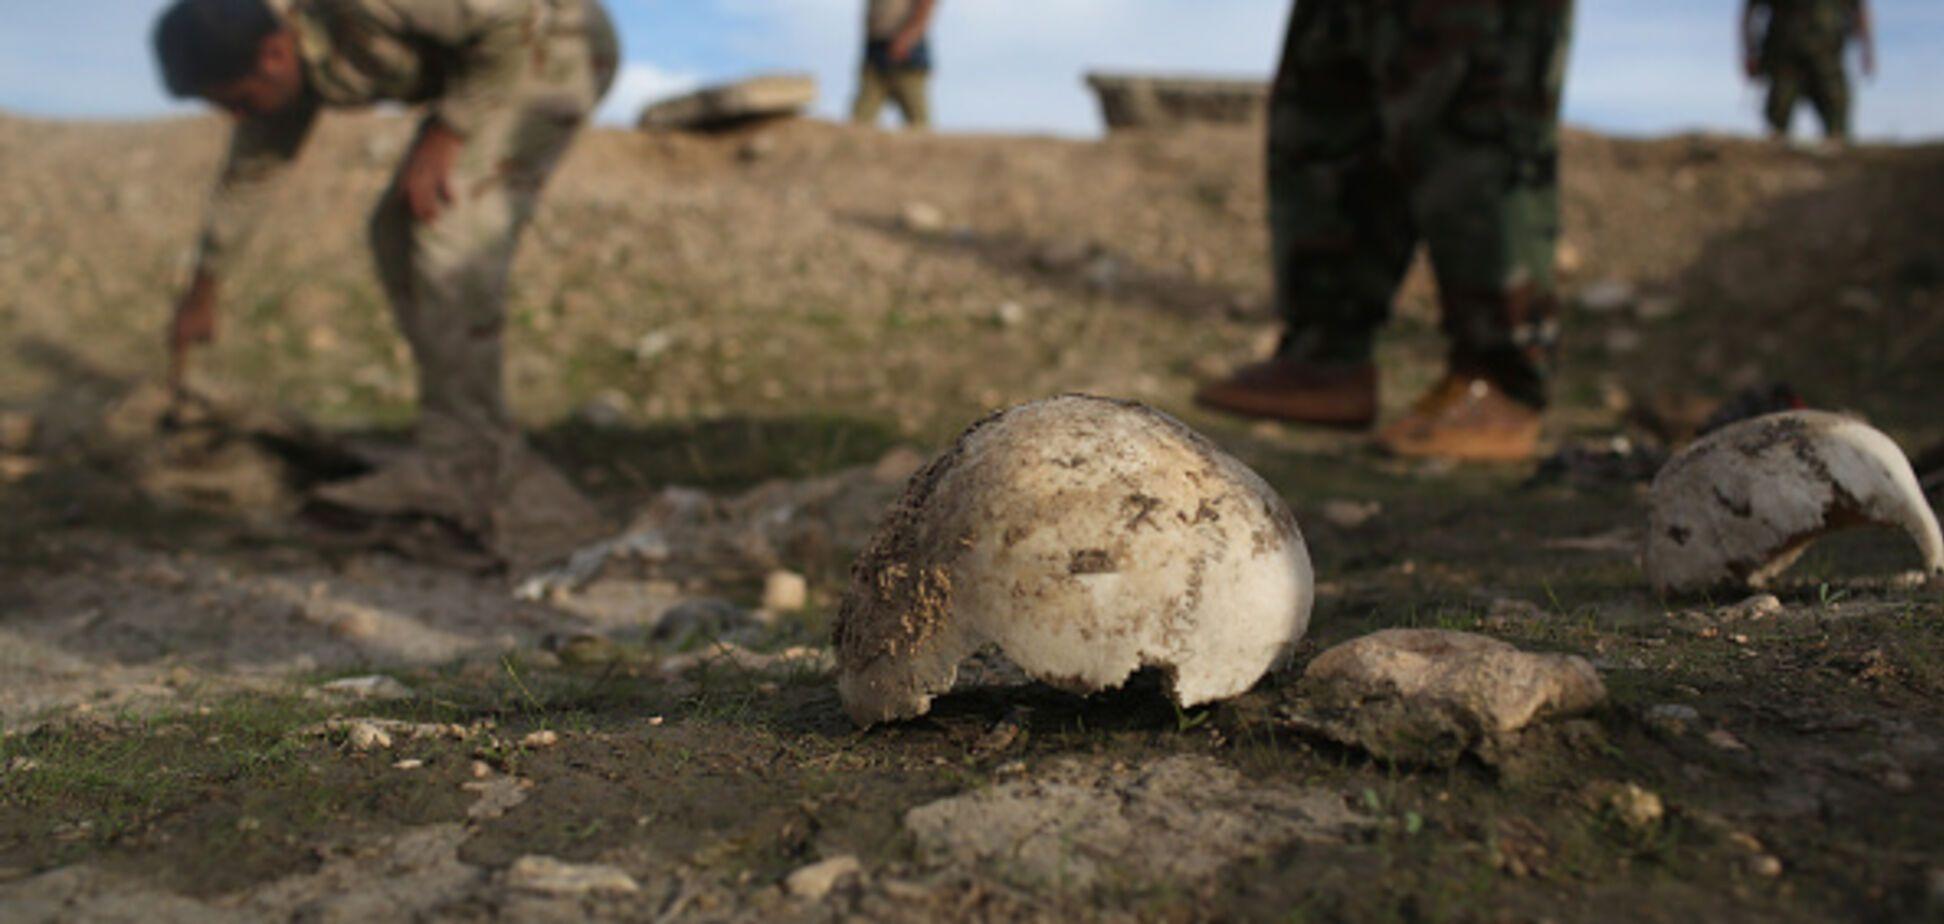 217 осіб за 4 години: оновлені дані про розгром росіян у Сирії